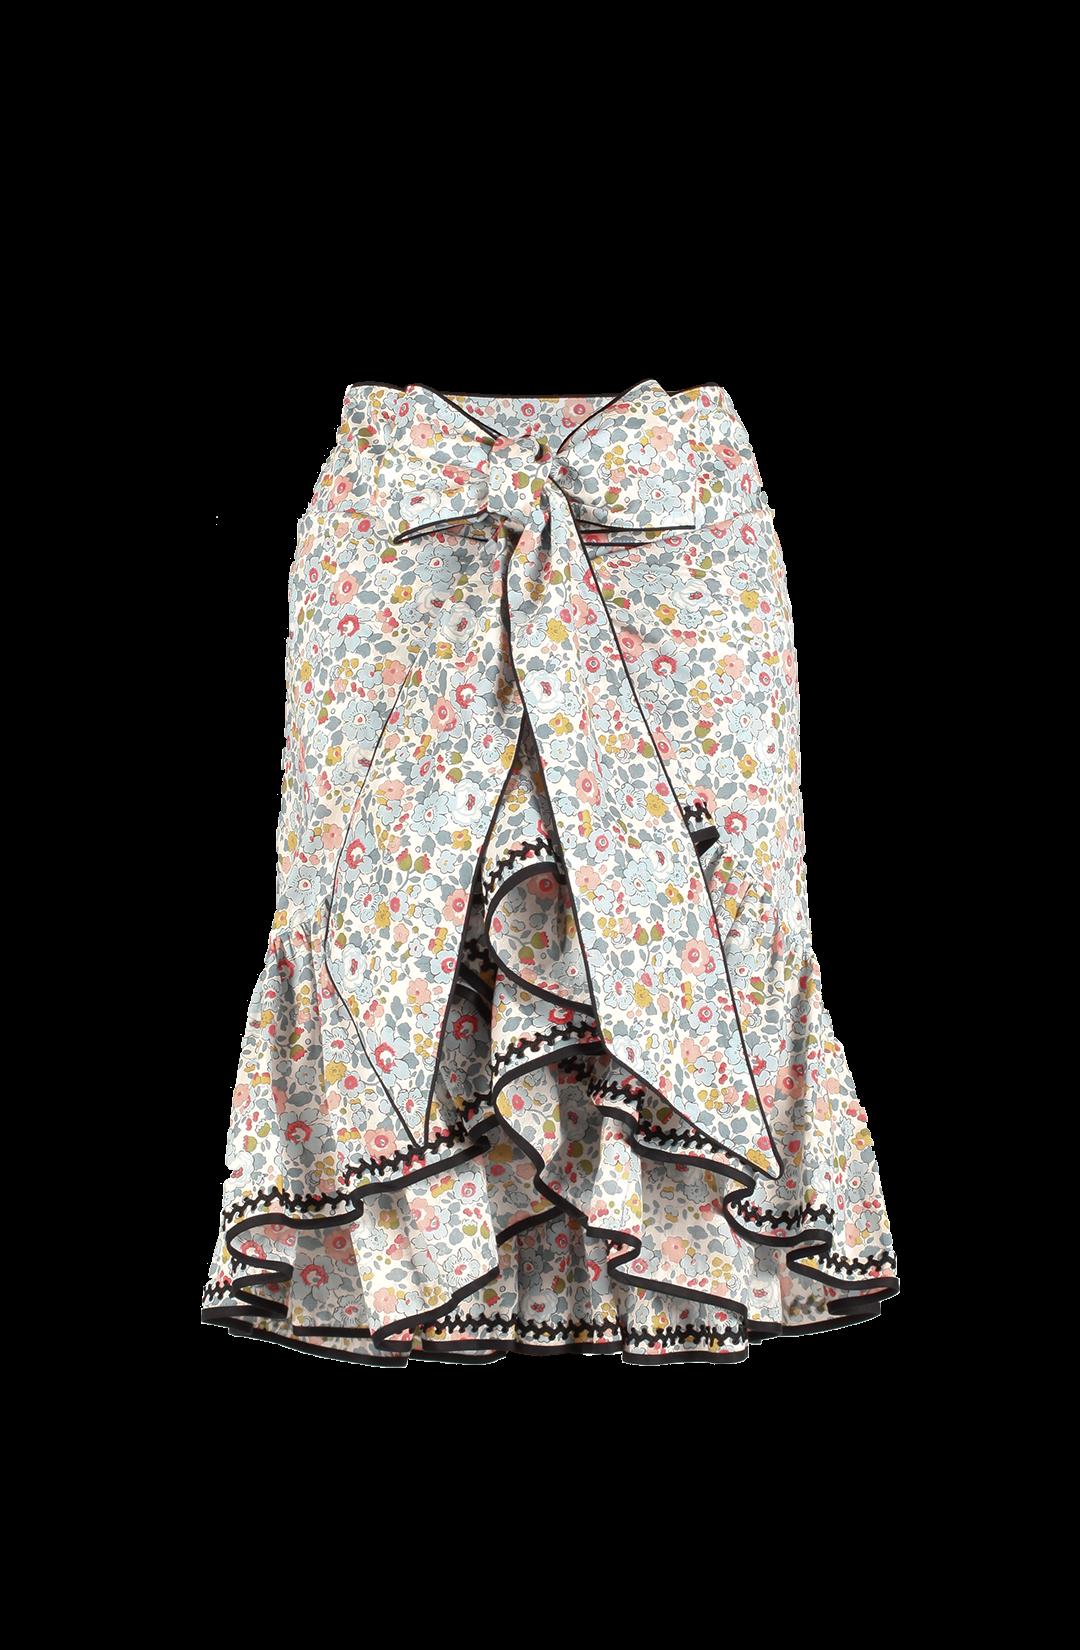 Besito Skirt Blue Margarita